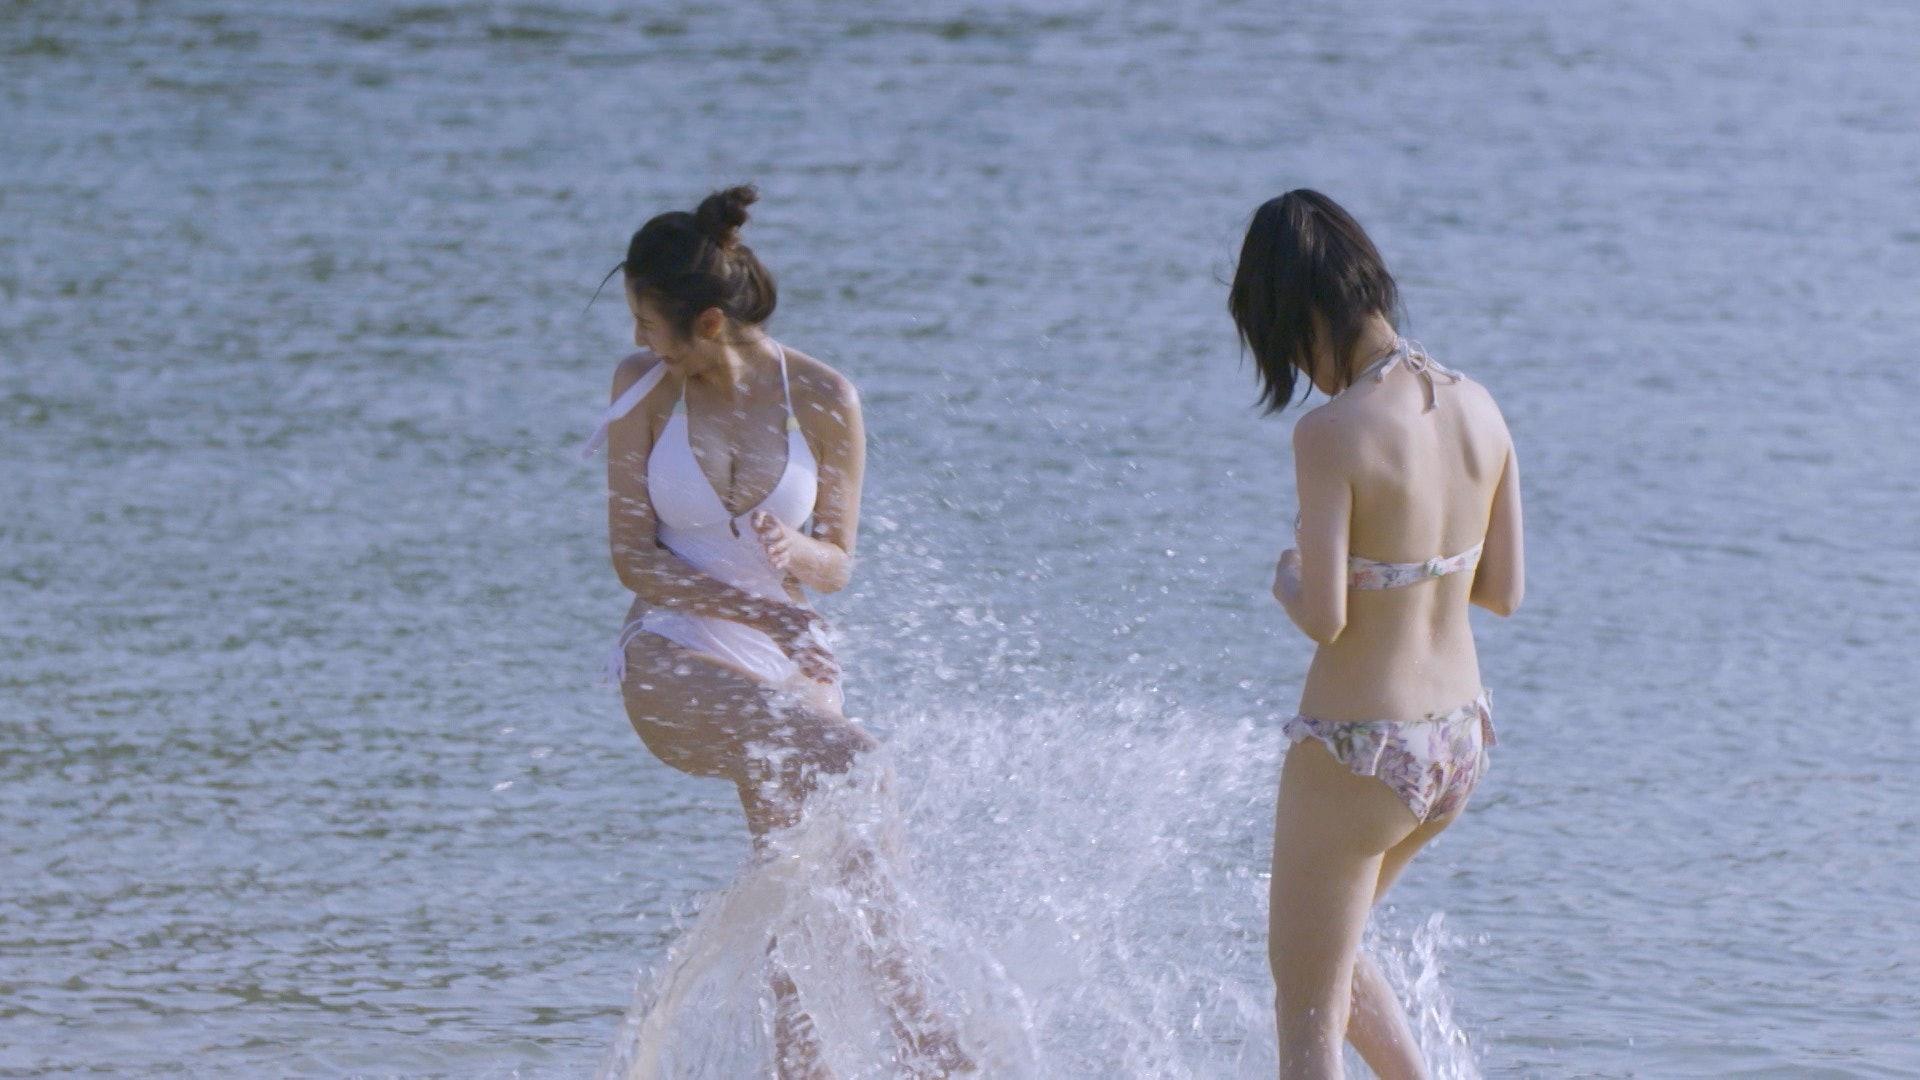 《美女郊遊遊》由沈殷怡和陳欣妍主持,甚得觀眾喜愛。